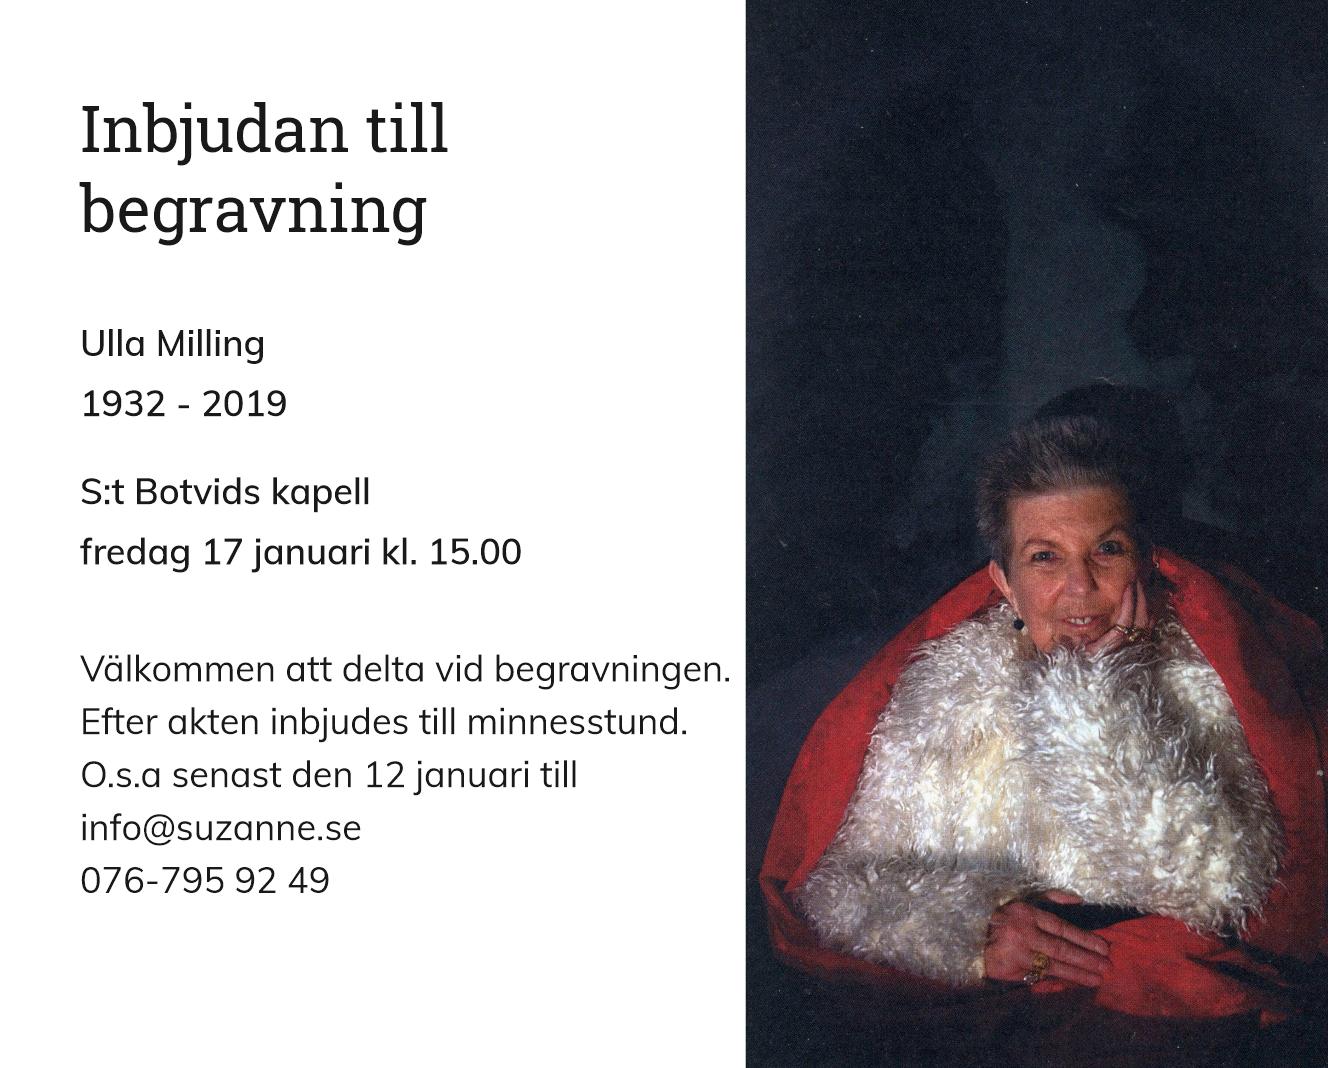 Inbjudningskort till ceremonin för Ulla Milling